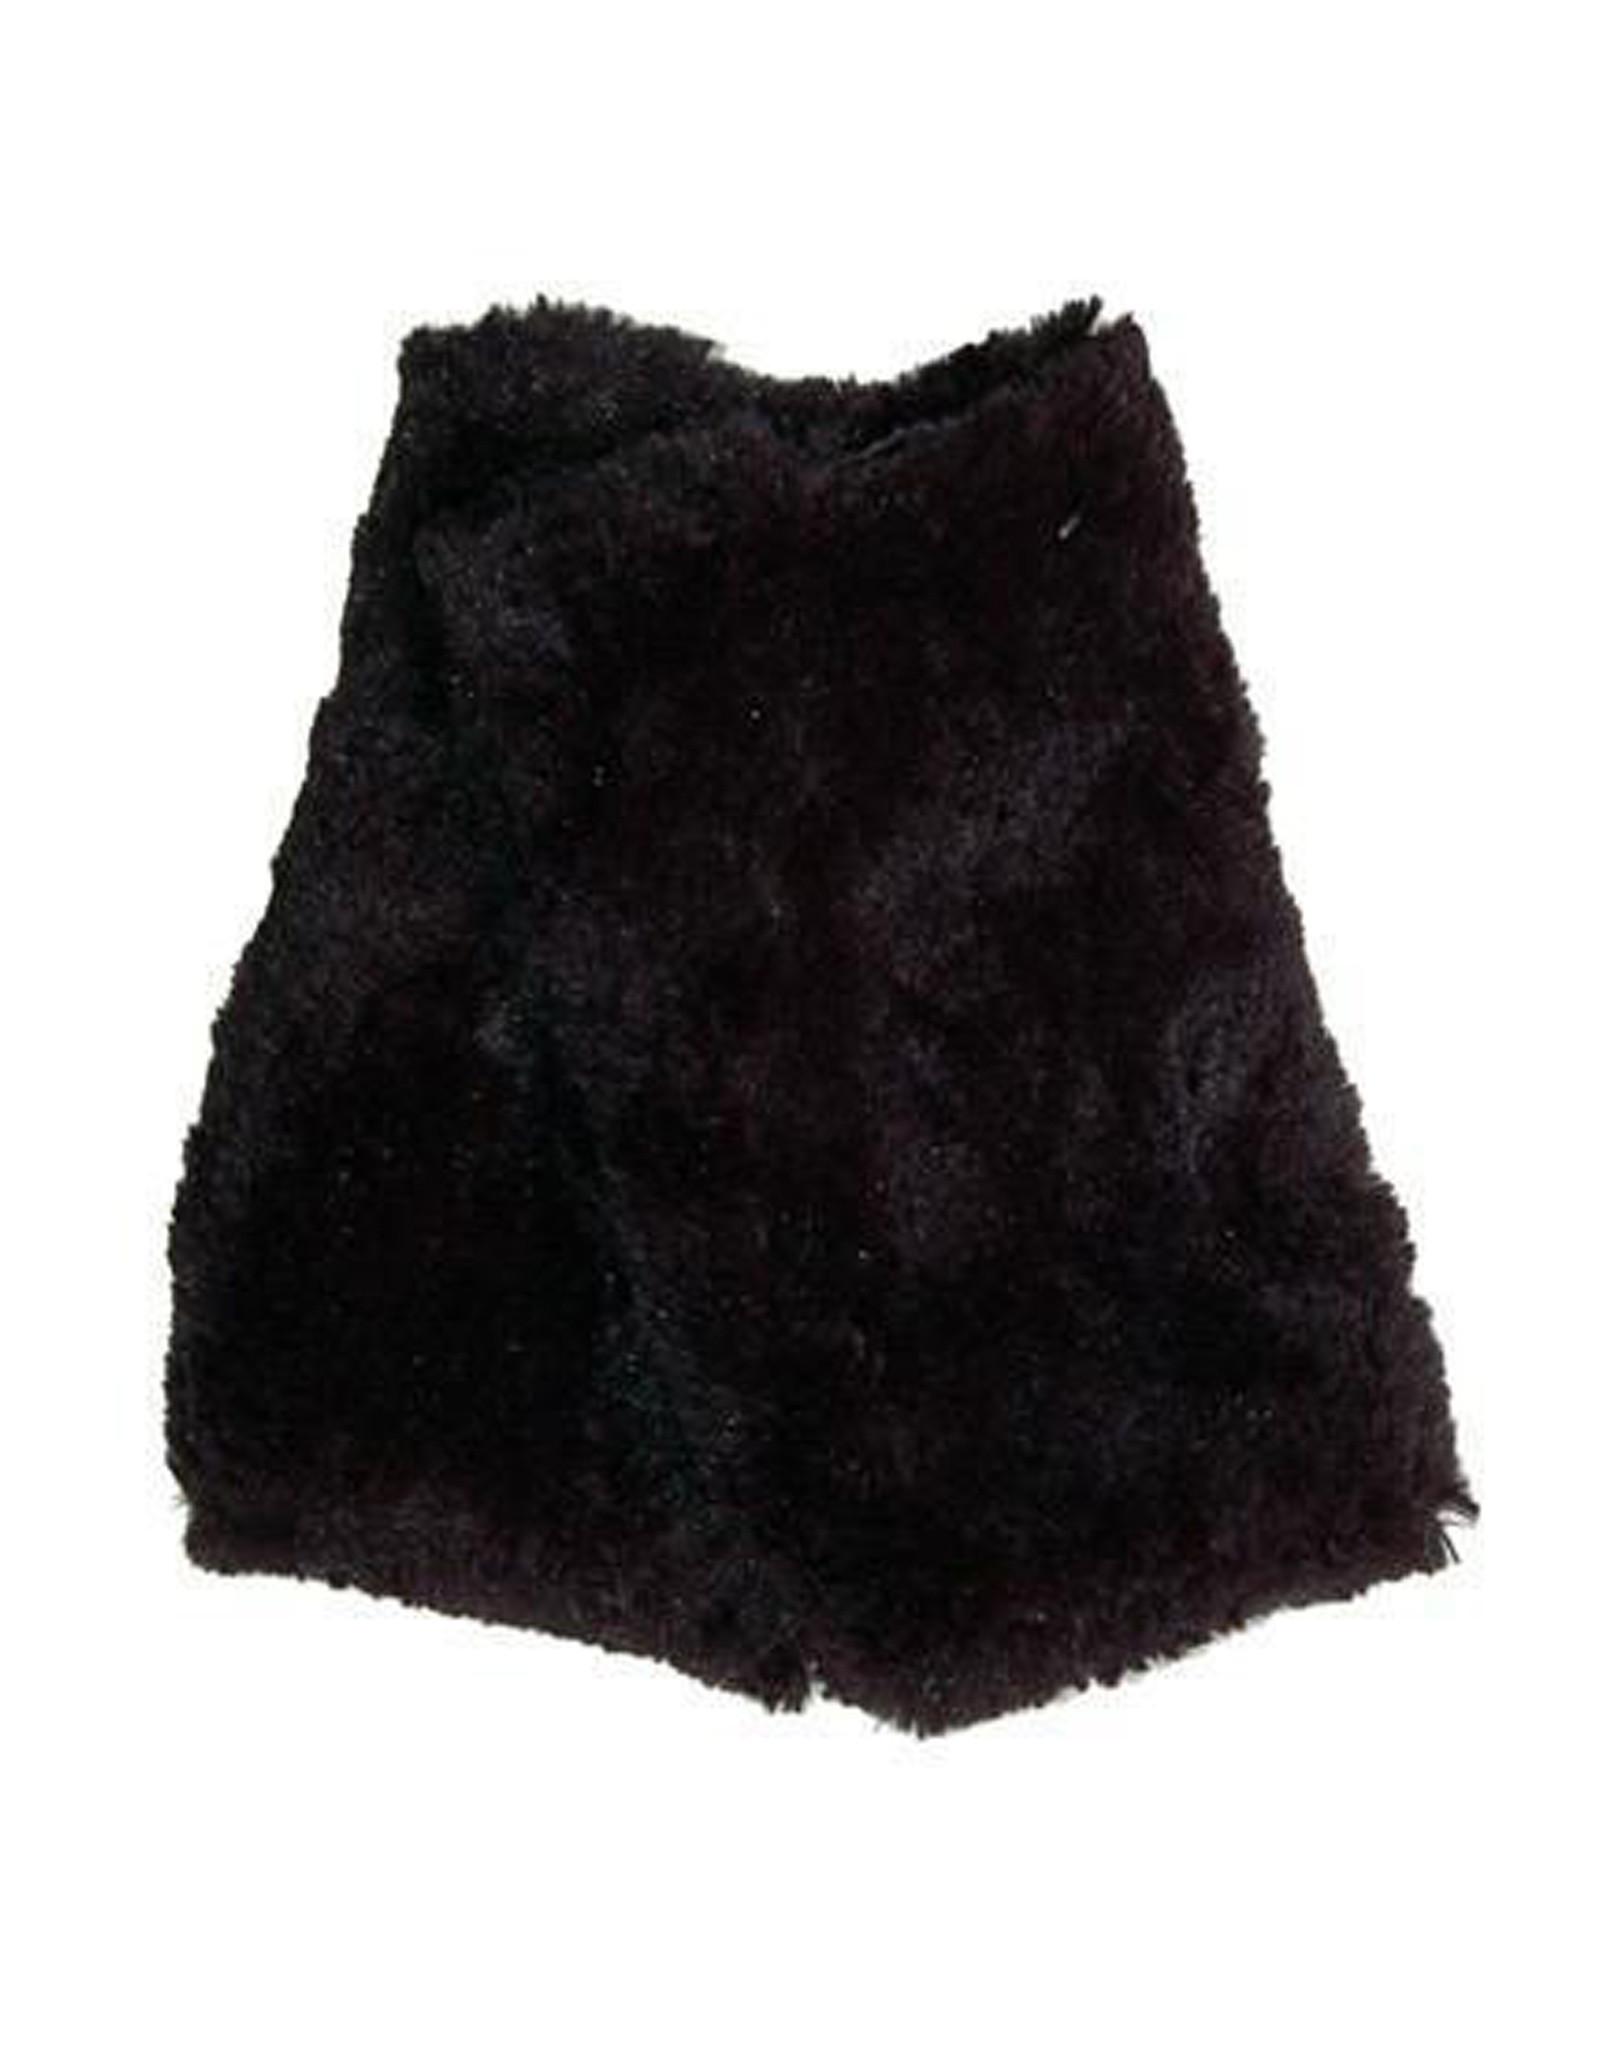 Fingerless Faux Fur Gloves in Rosebud Black